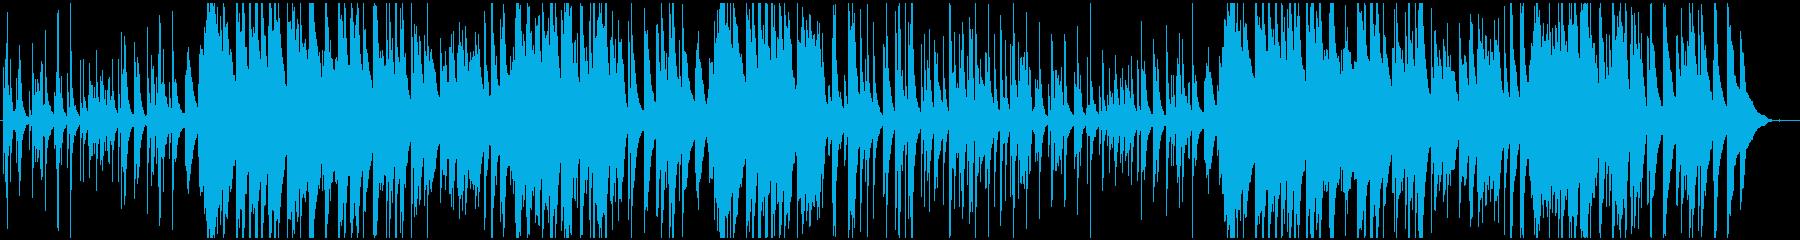 優しい雰囲気のピアノ曲です。の再生済みの波形